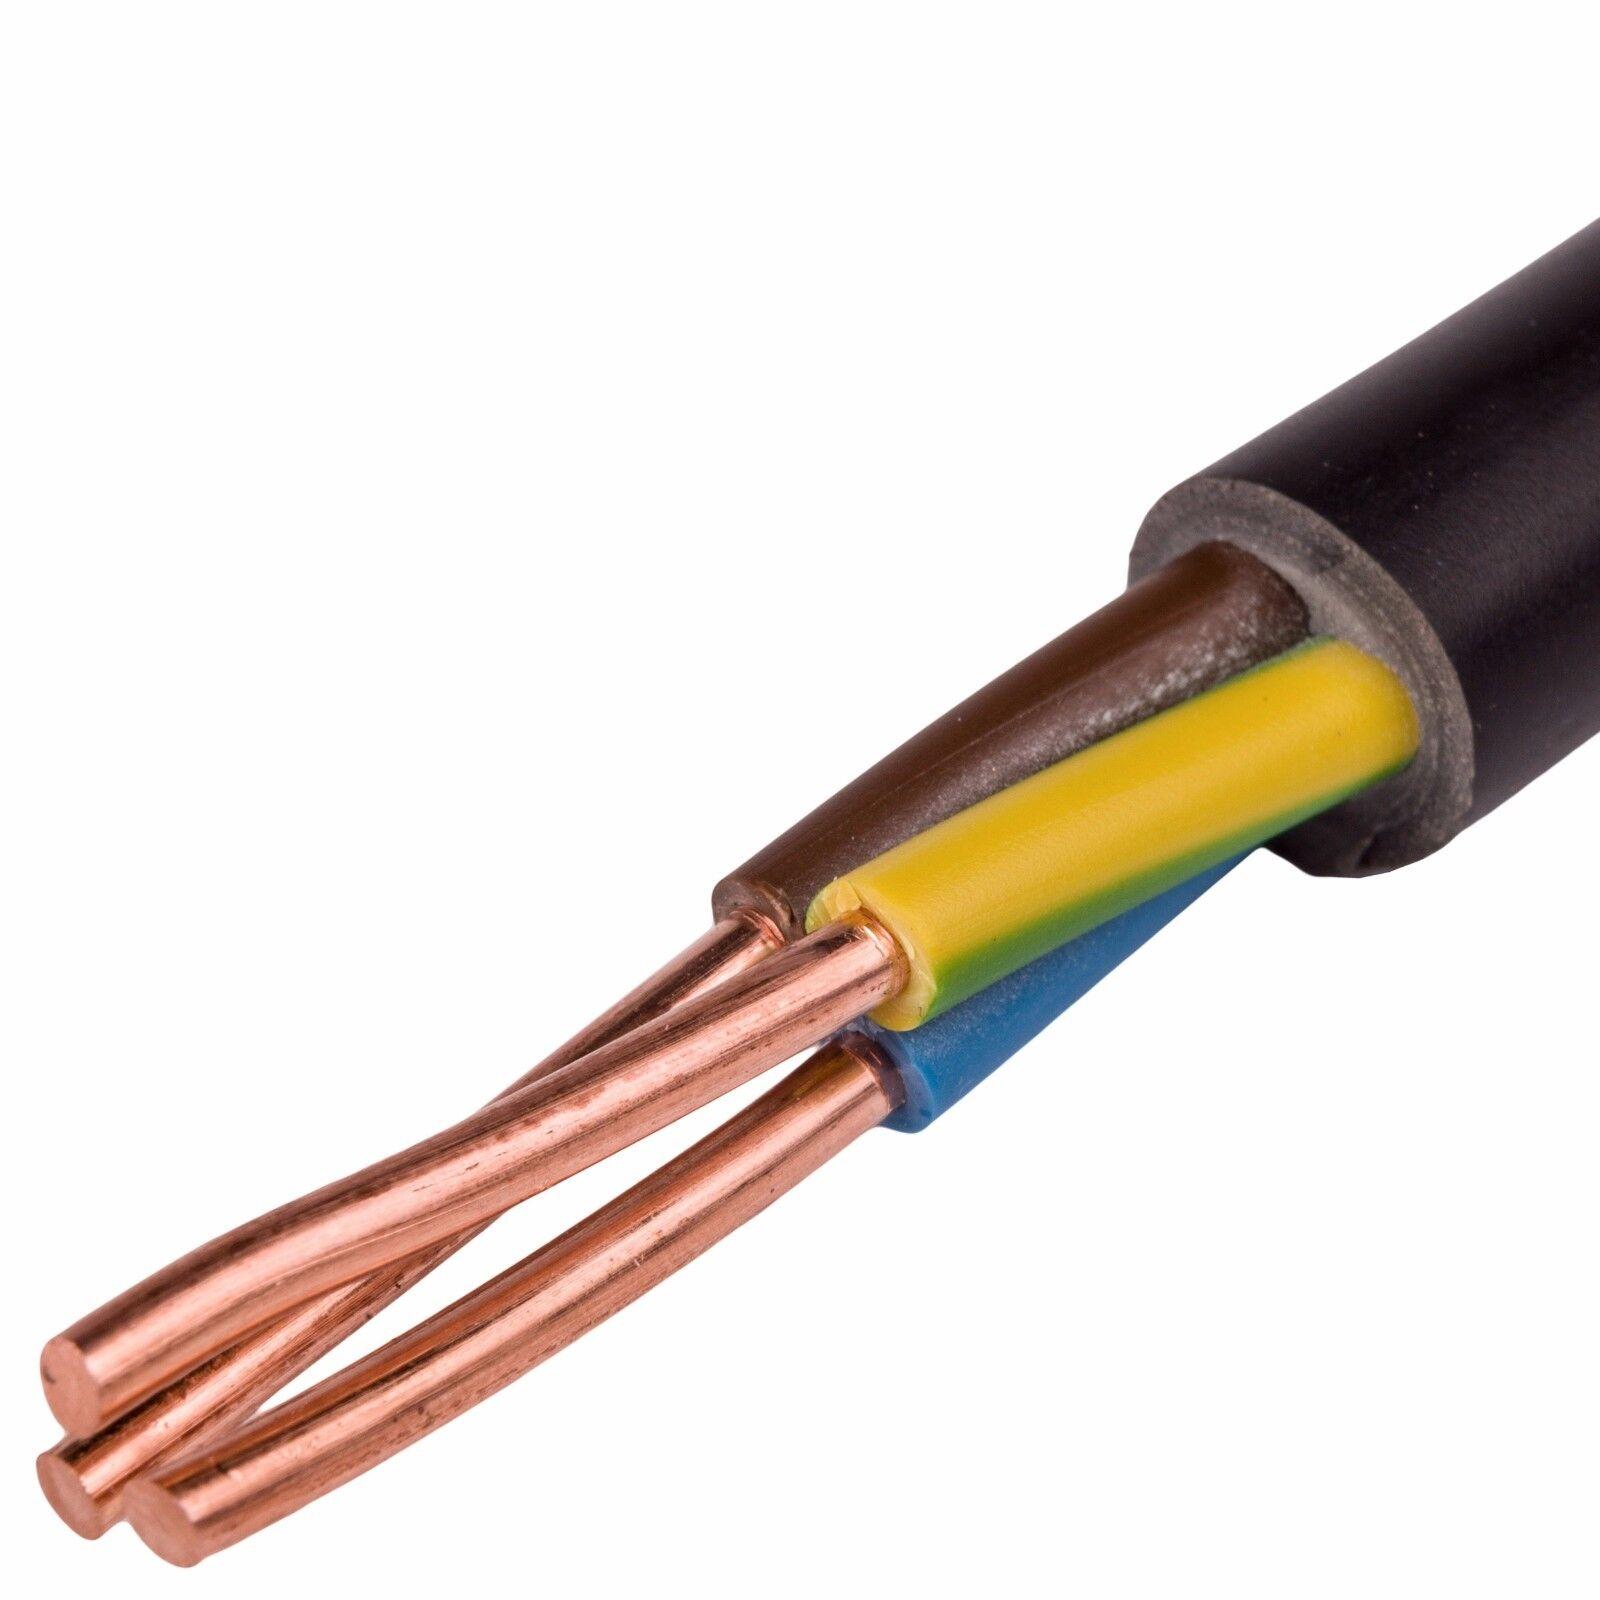 NYY-J 3x2,5 mm² Erdkabel Starkstromkabel Starkstromkabel Starkstromkabel (ab 5 Meter erhältlich)  | Starke Hitze- und Abnutzungsbeständigkeit  b64894